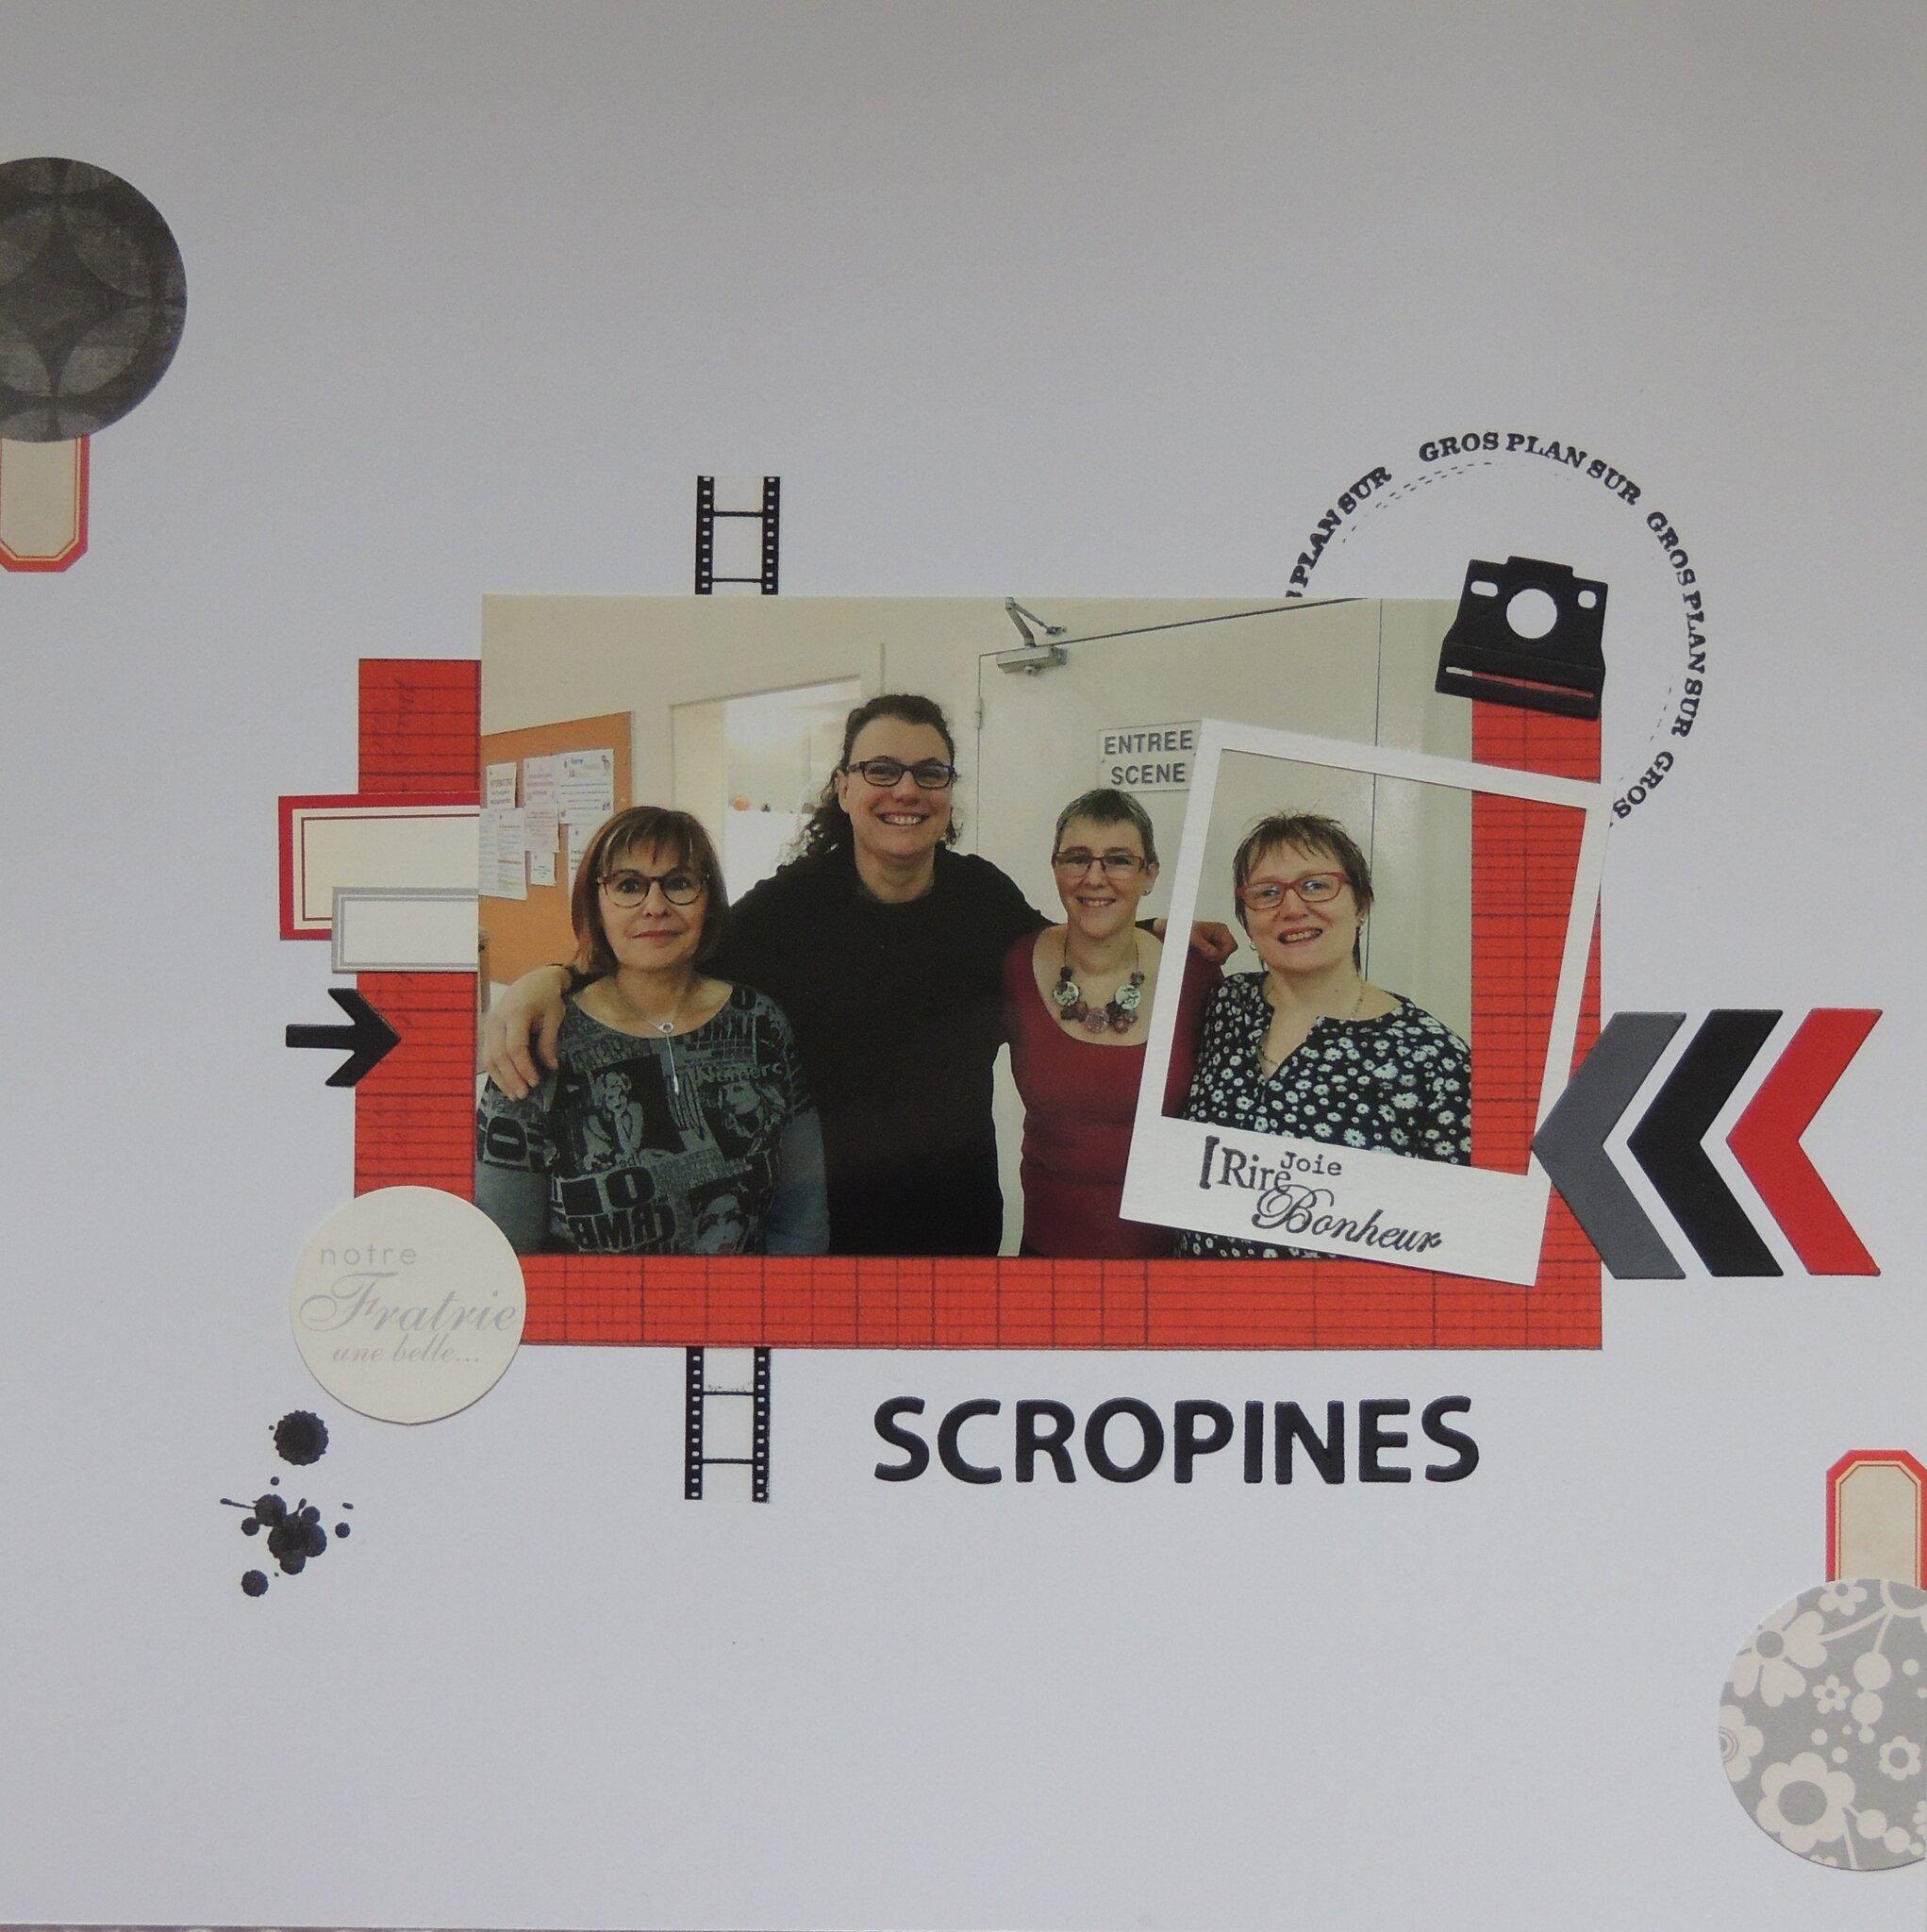 Scropines